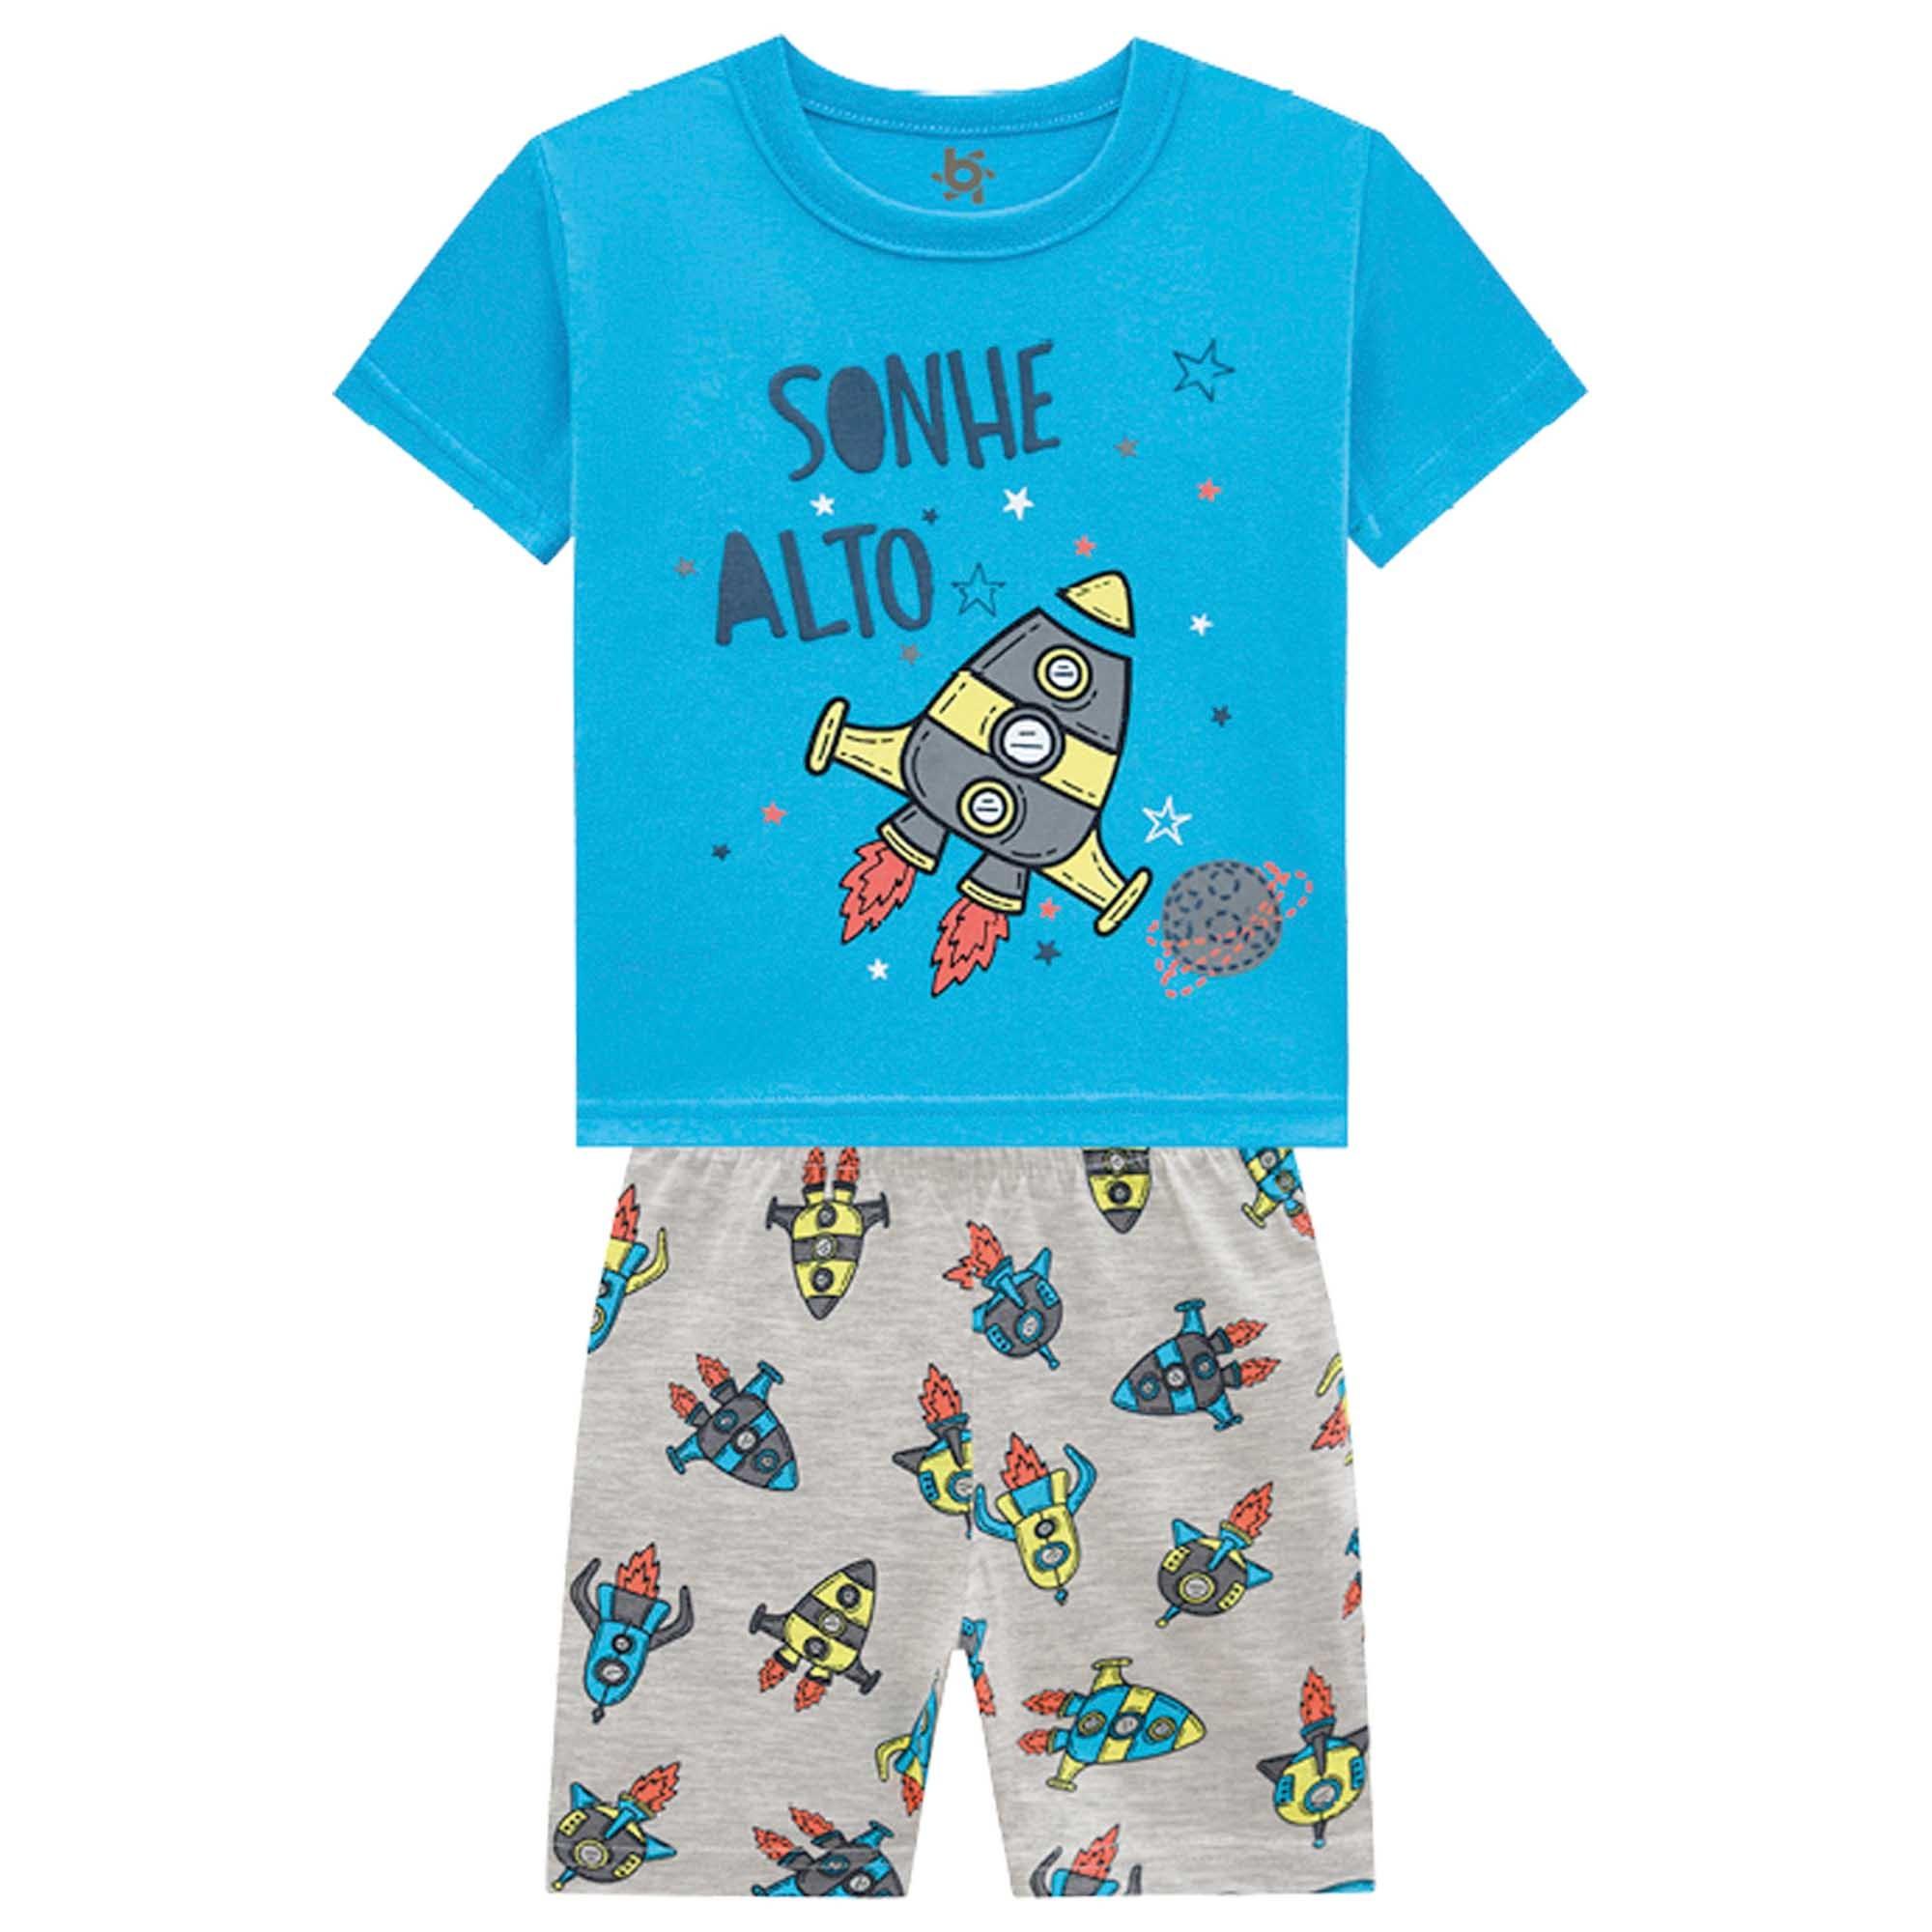 Pijama Verão Brandili Sonhe Alto Foguete - Brilha no Escuro - 4 ao 10